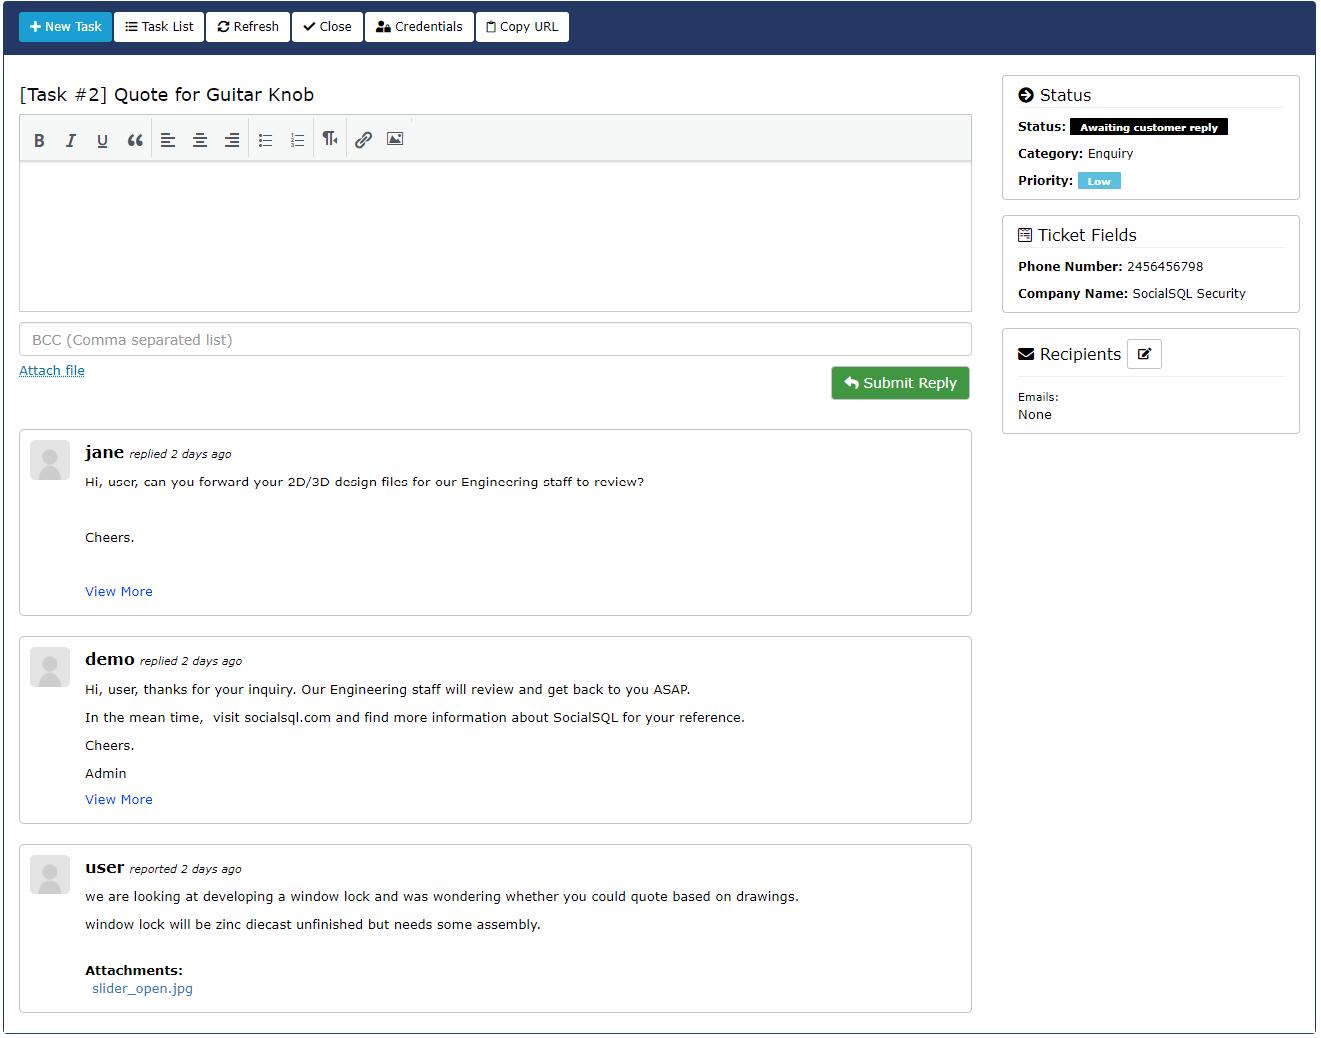 SC User Task Panel